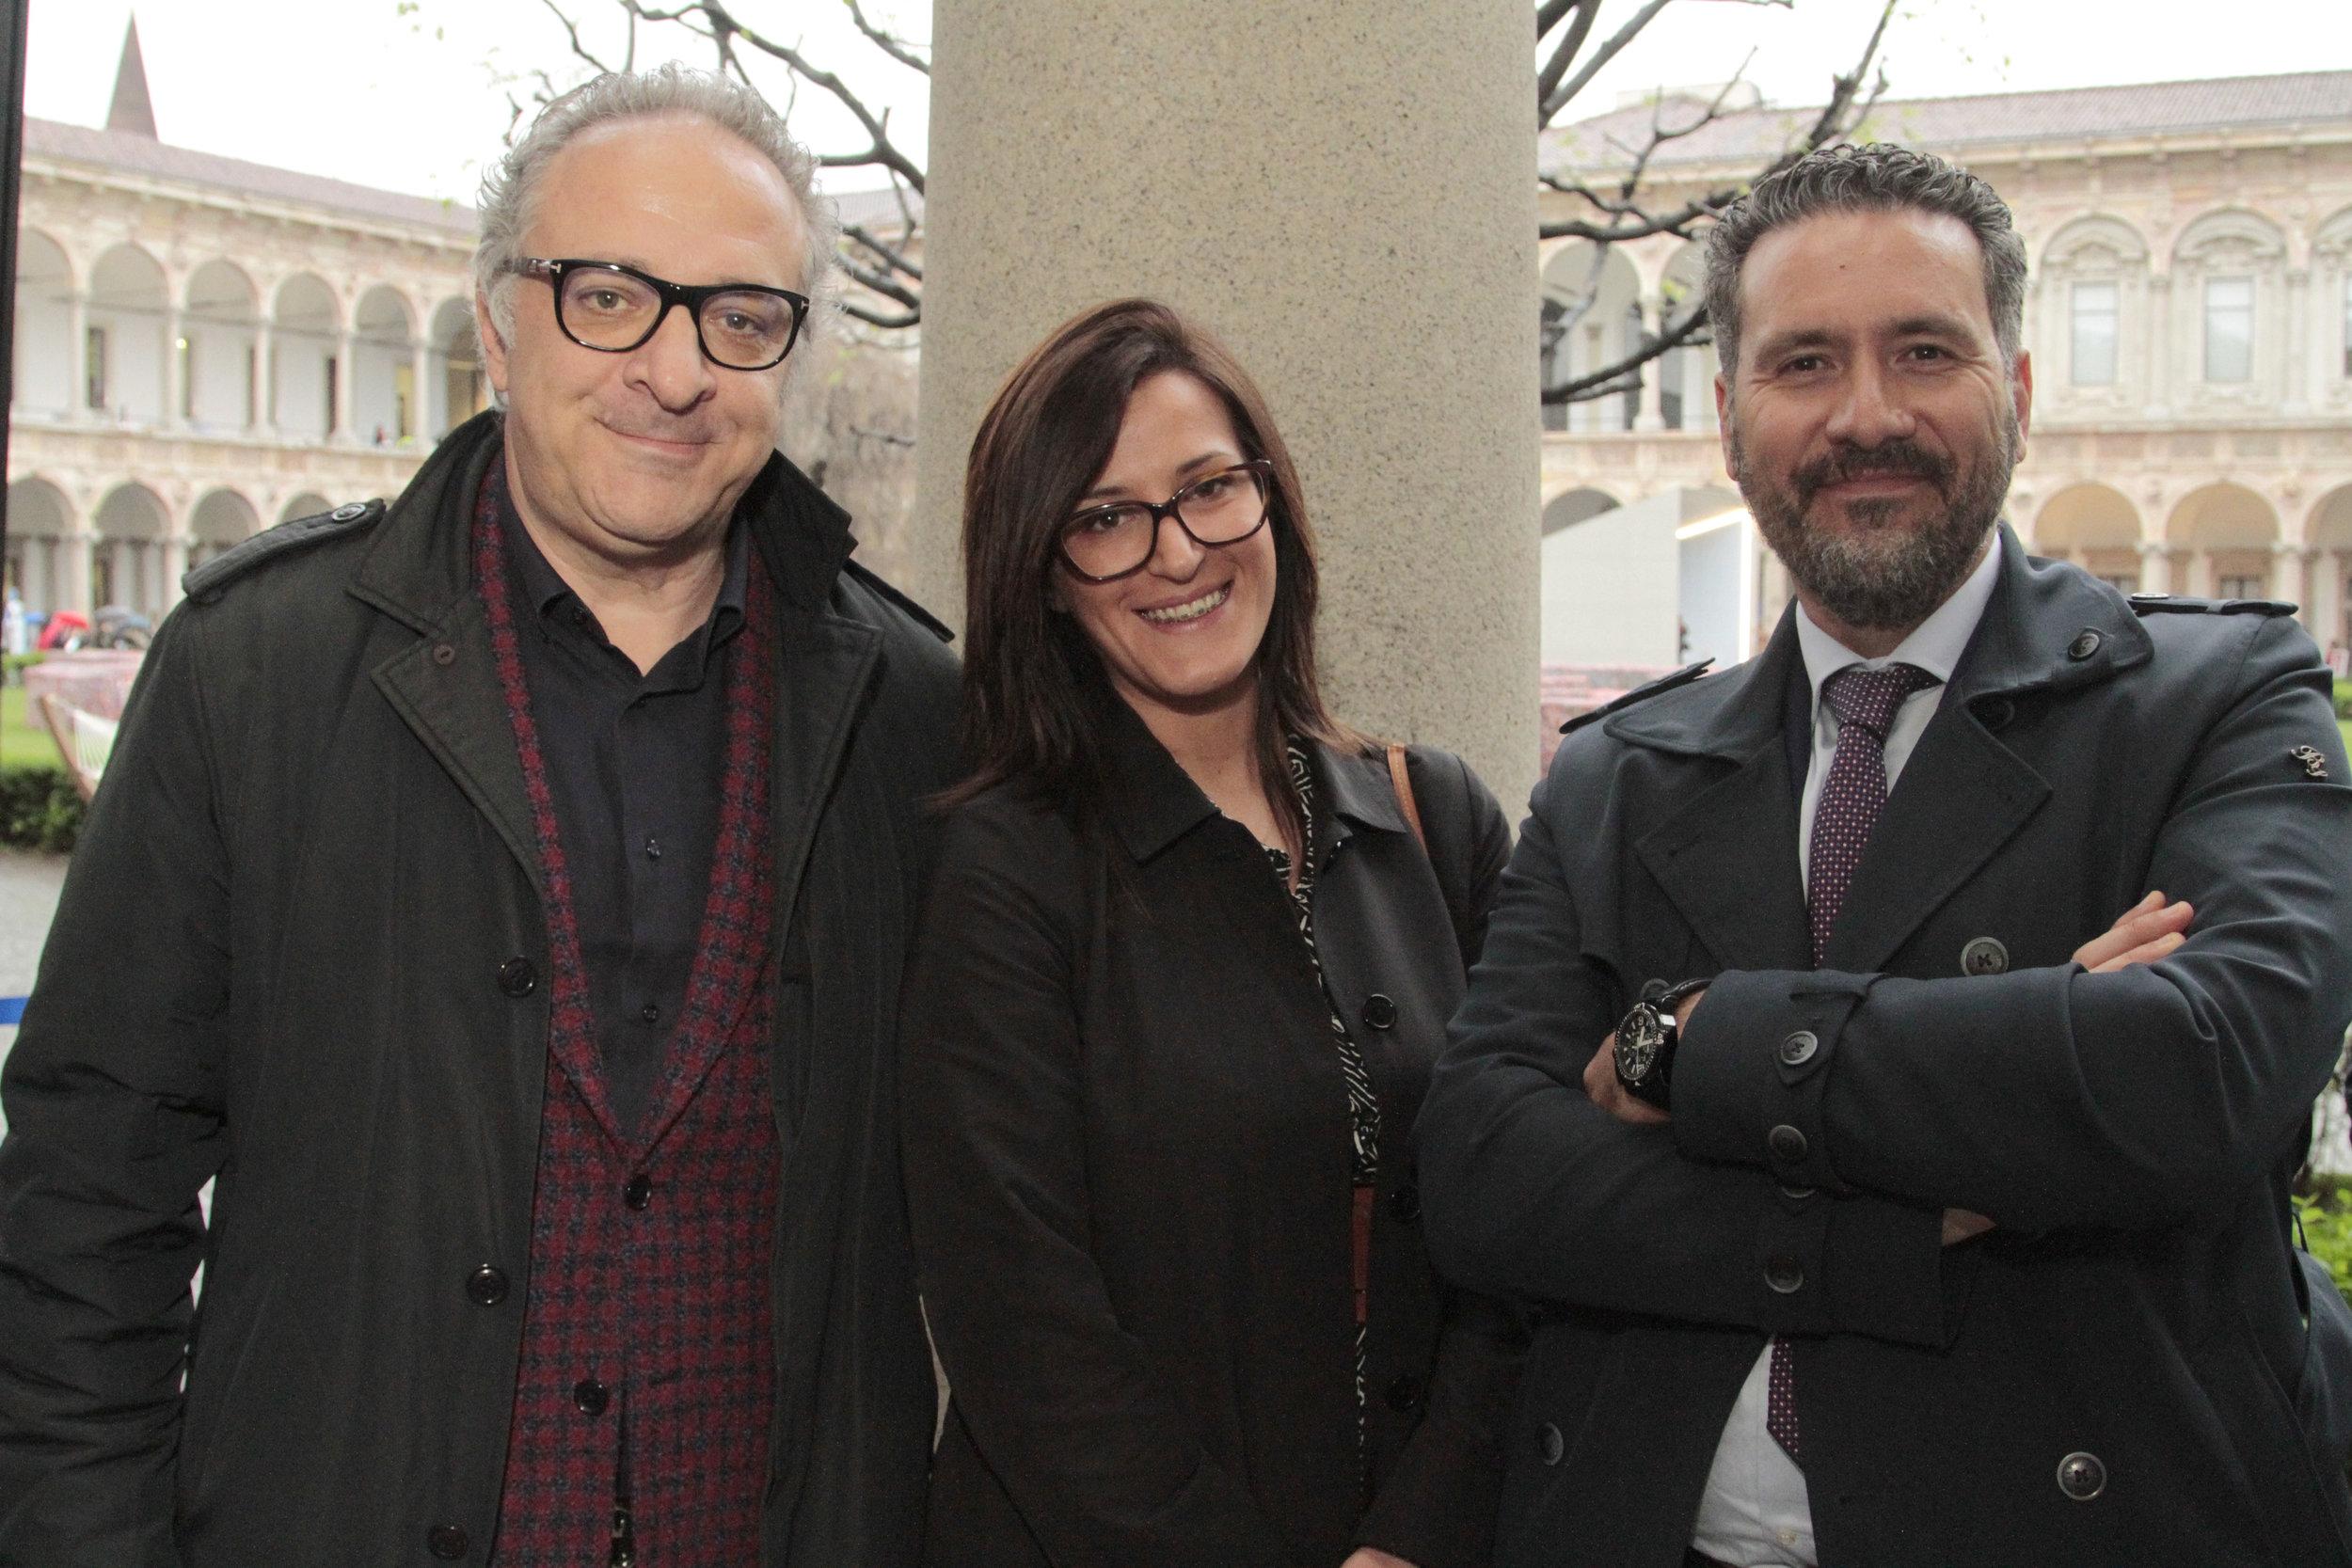 Diego D'ermoggine, Rotunno Cristina e Felice Iorio